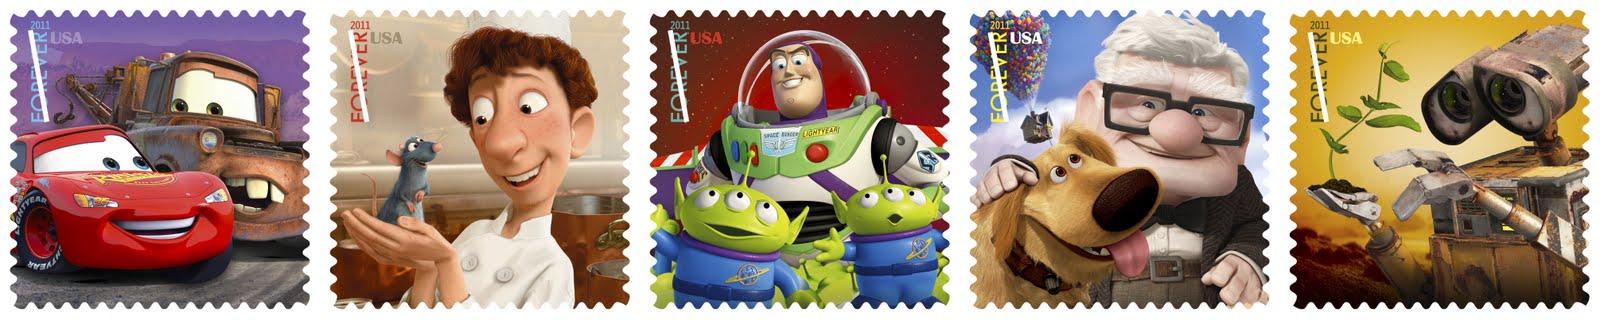 pixar movies coming soon. Pixar is always up to